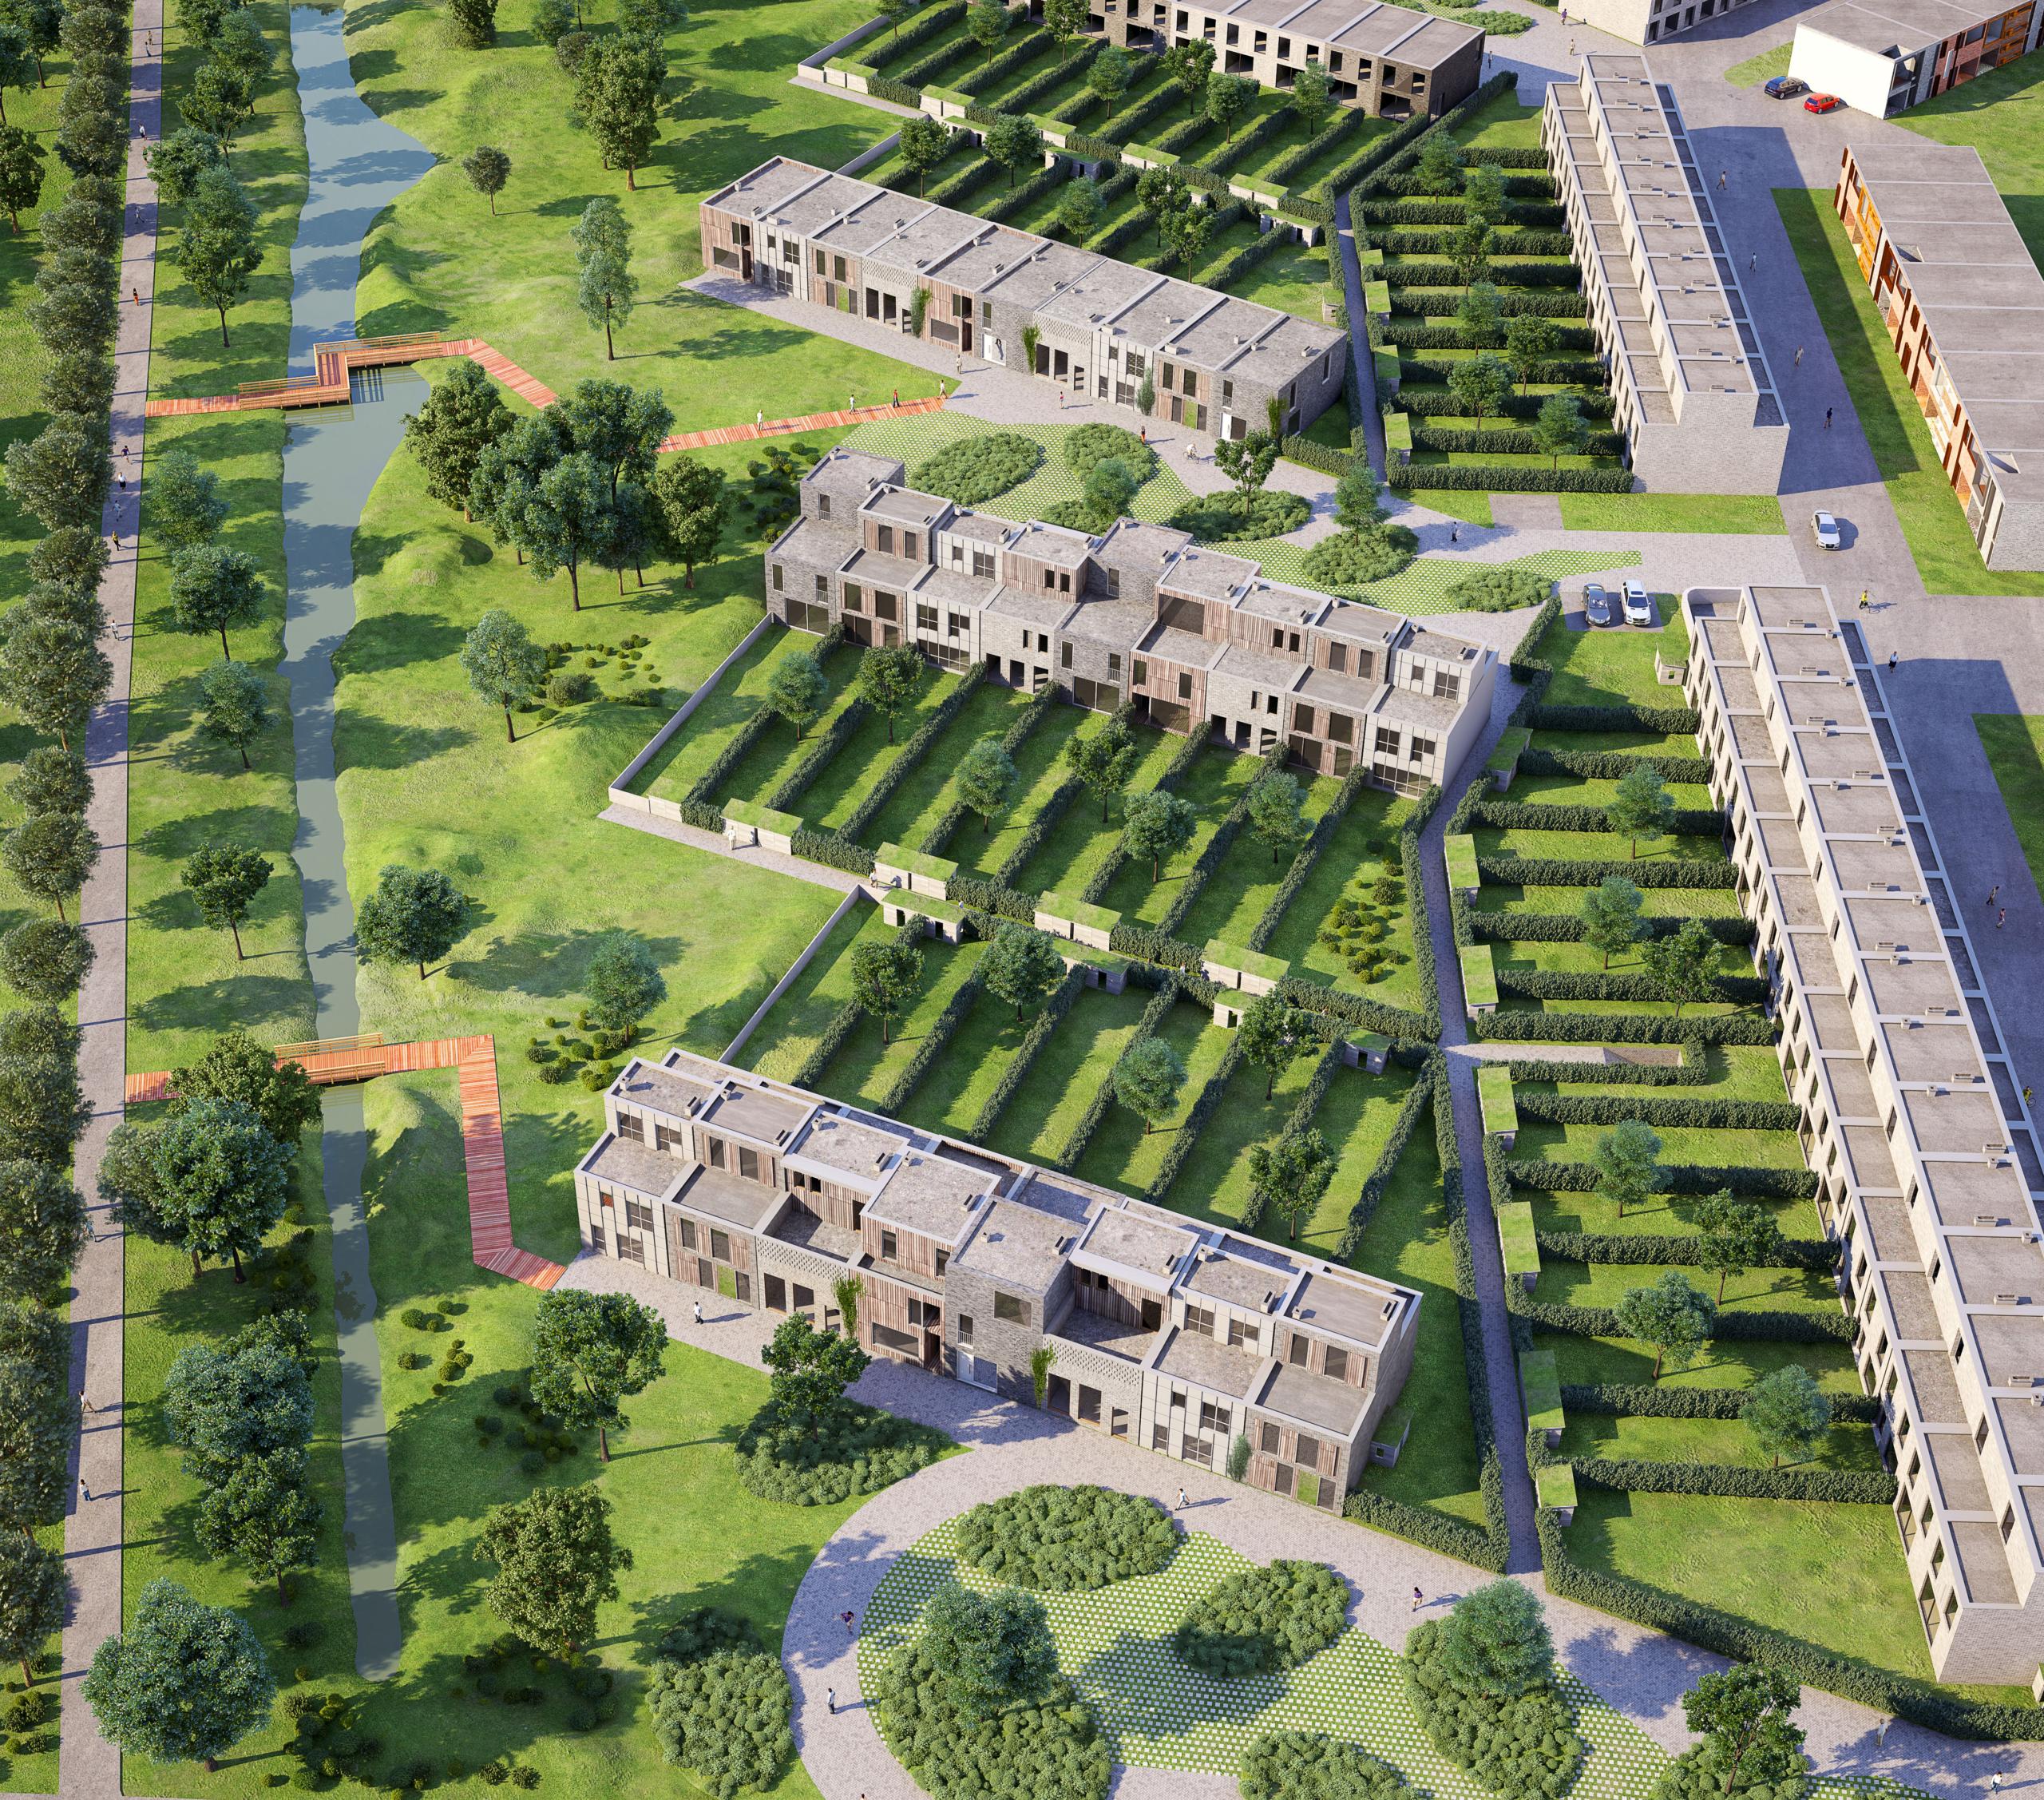 Woonproject Päpenhof een groene oase nabij Mechelen Centrum, bouwkavels te koop